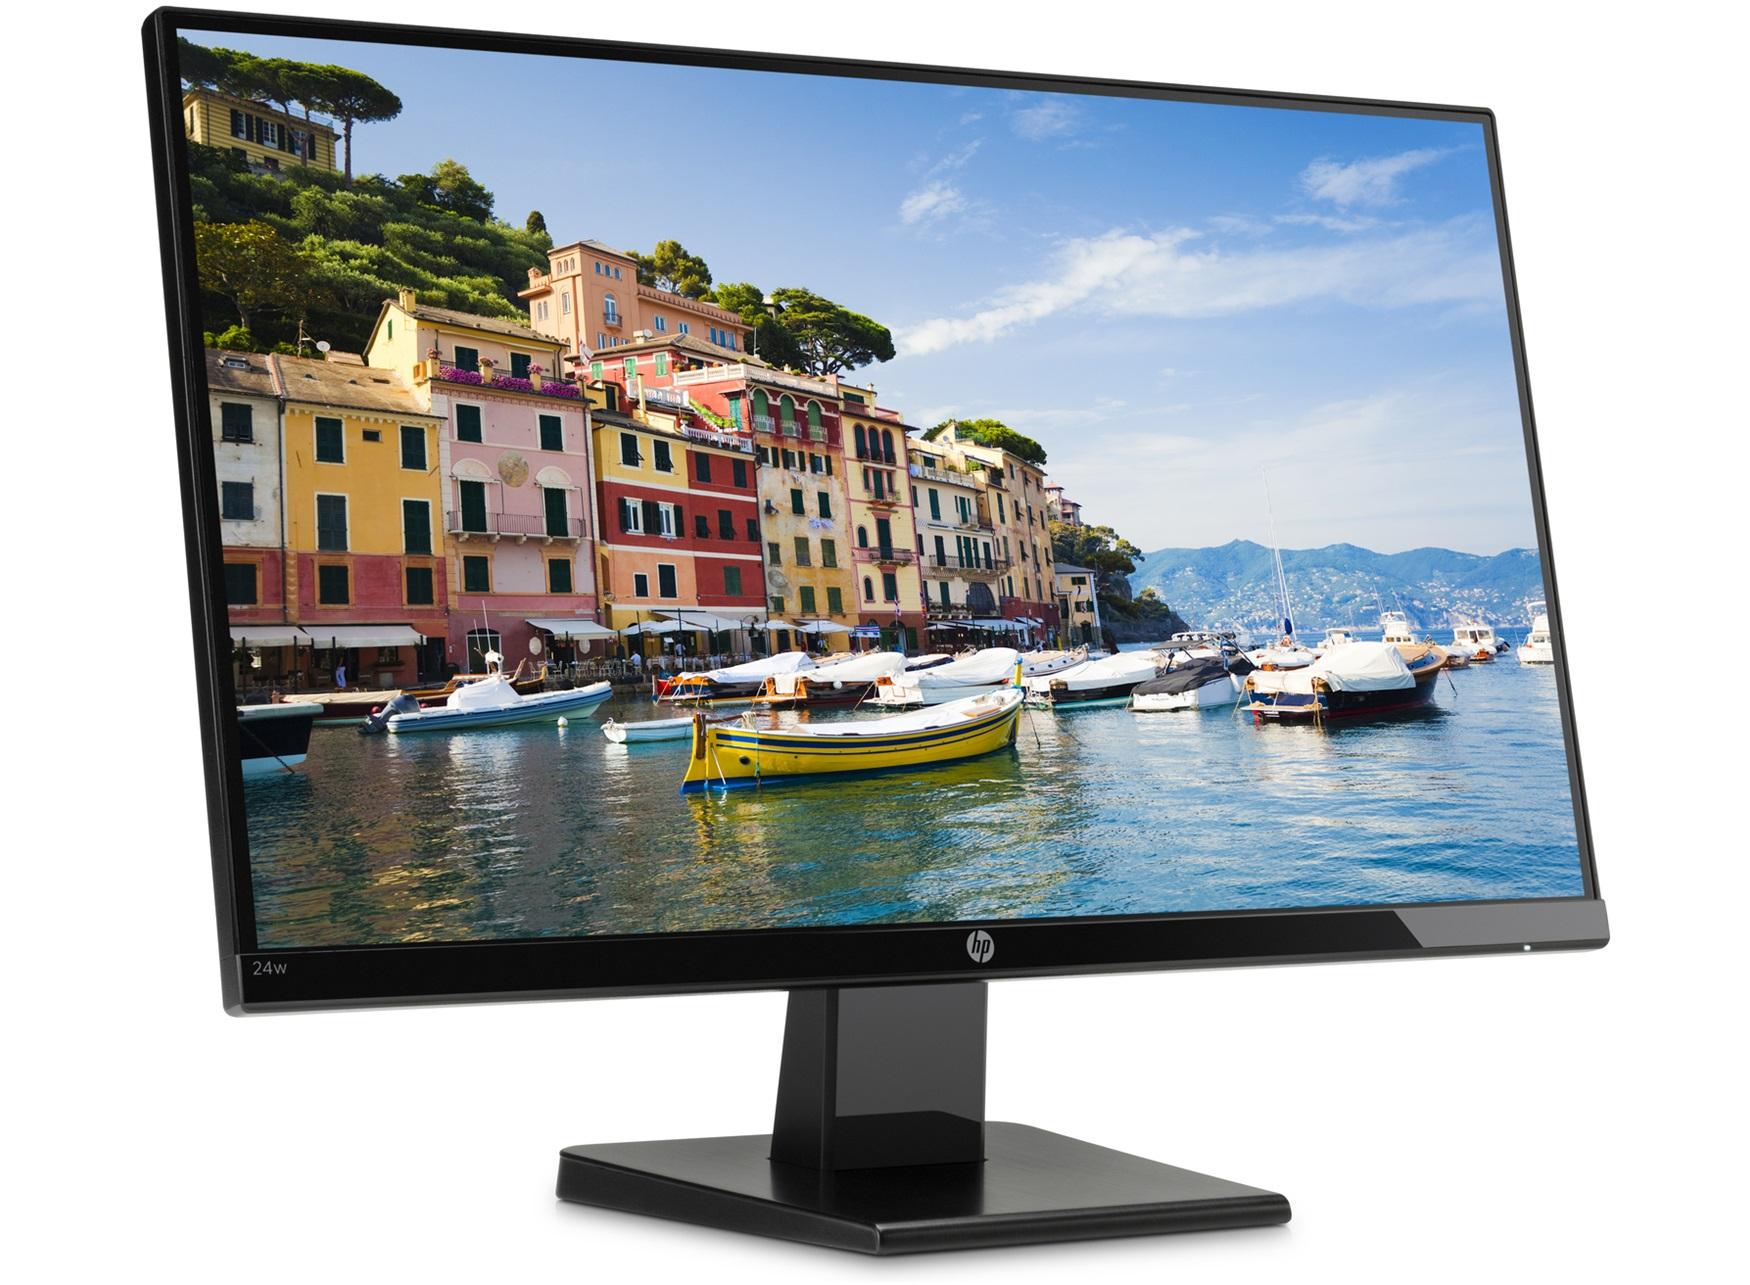 """HP 24w - Monitor 24"""" (Full HD, 1920 x 1080 pixeles, 5 ms, 1 x HDMI, 1 x VGA, 16:9), IPS"""